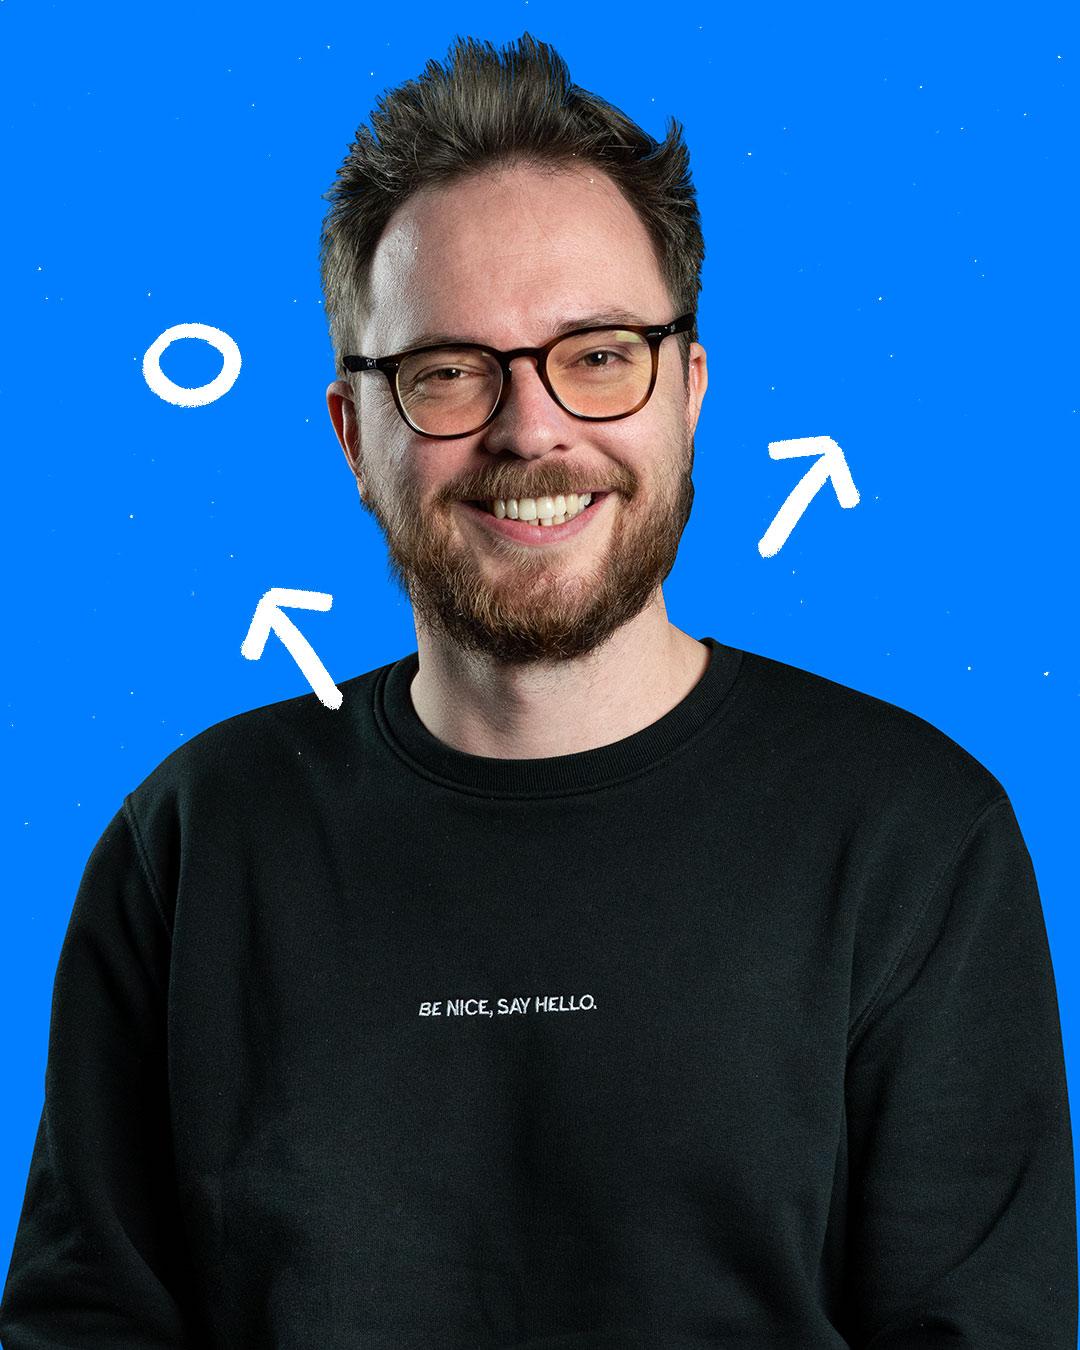 Christian Böhmer, Portrait Mann